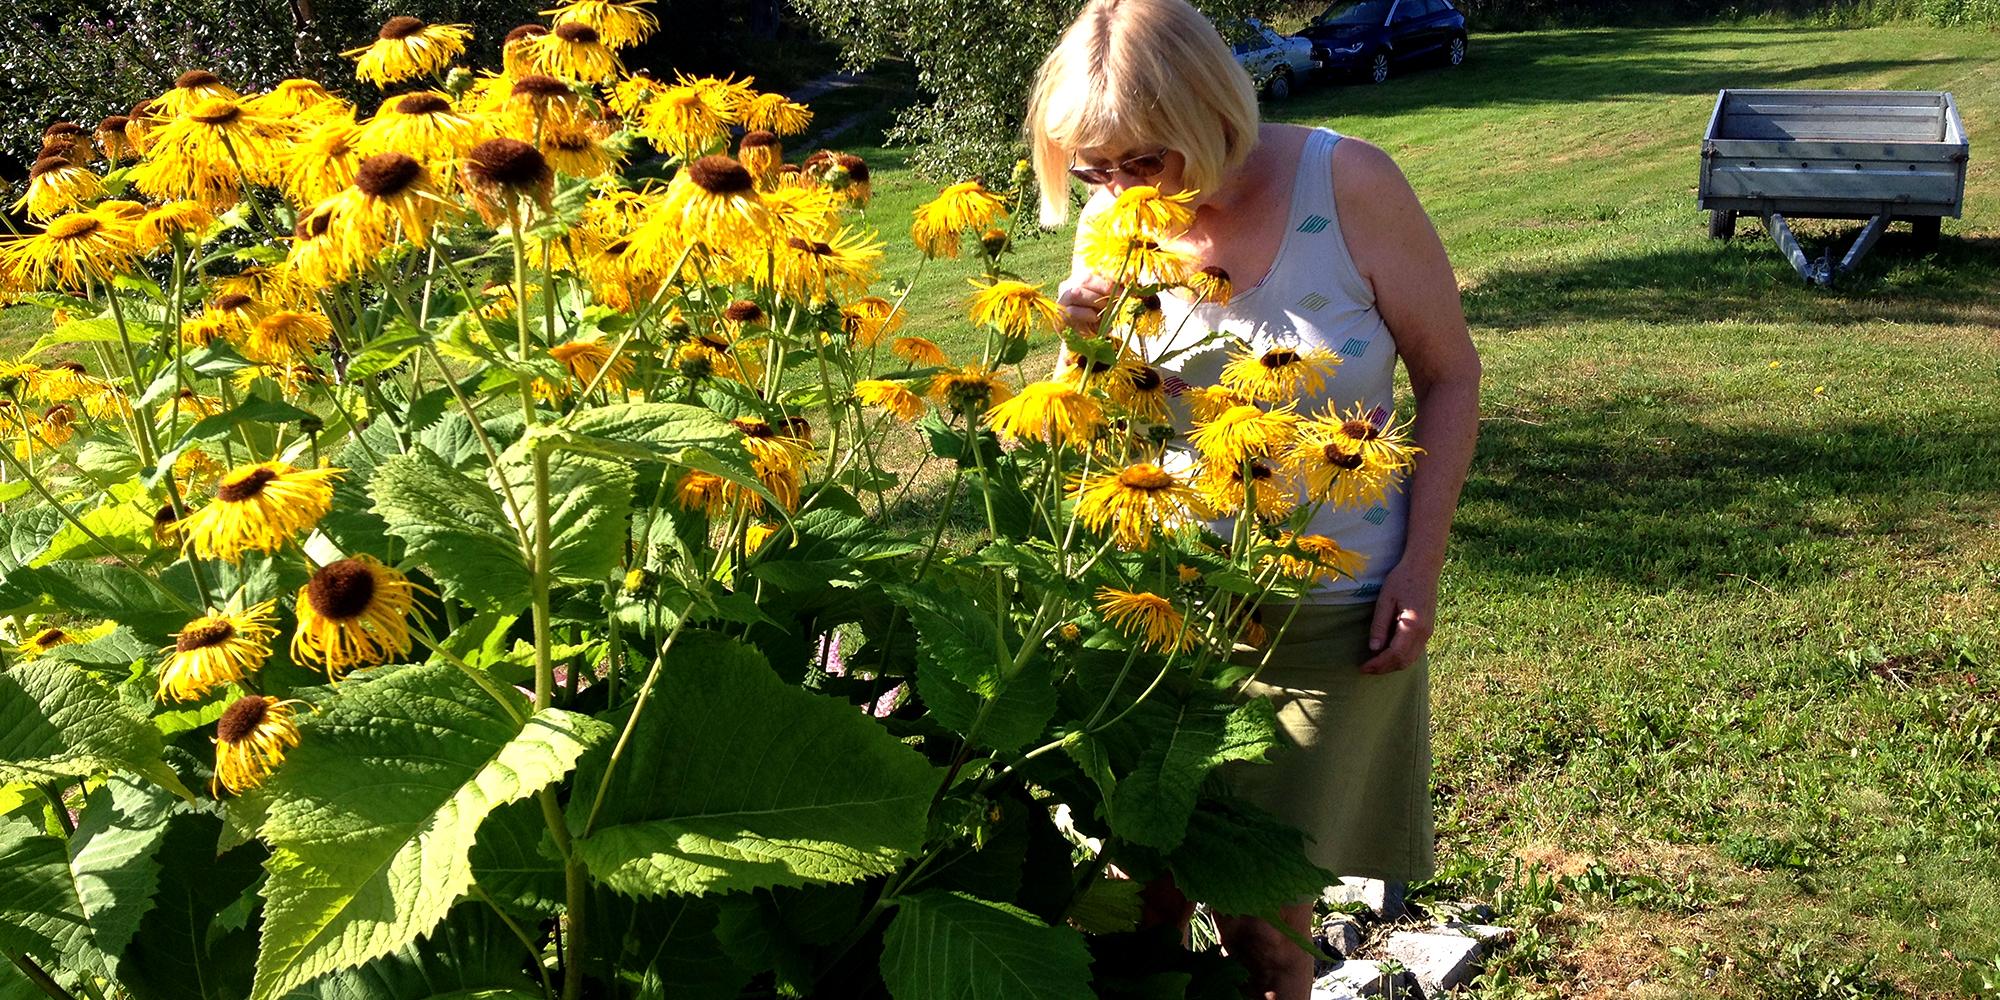 Fargetuva - vertinnen blant blomster. Copyright: Fargetuva